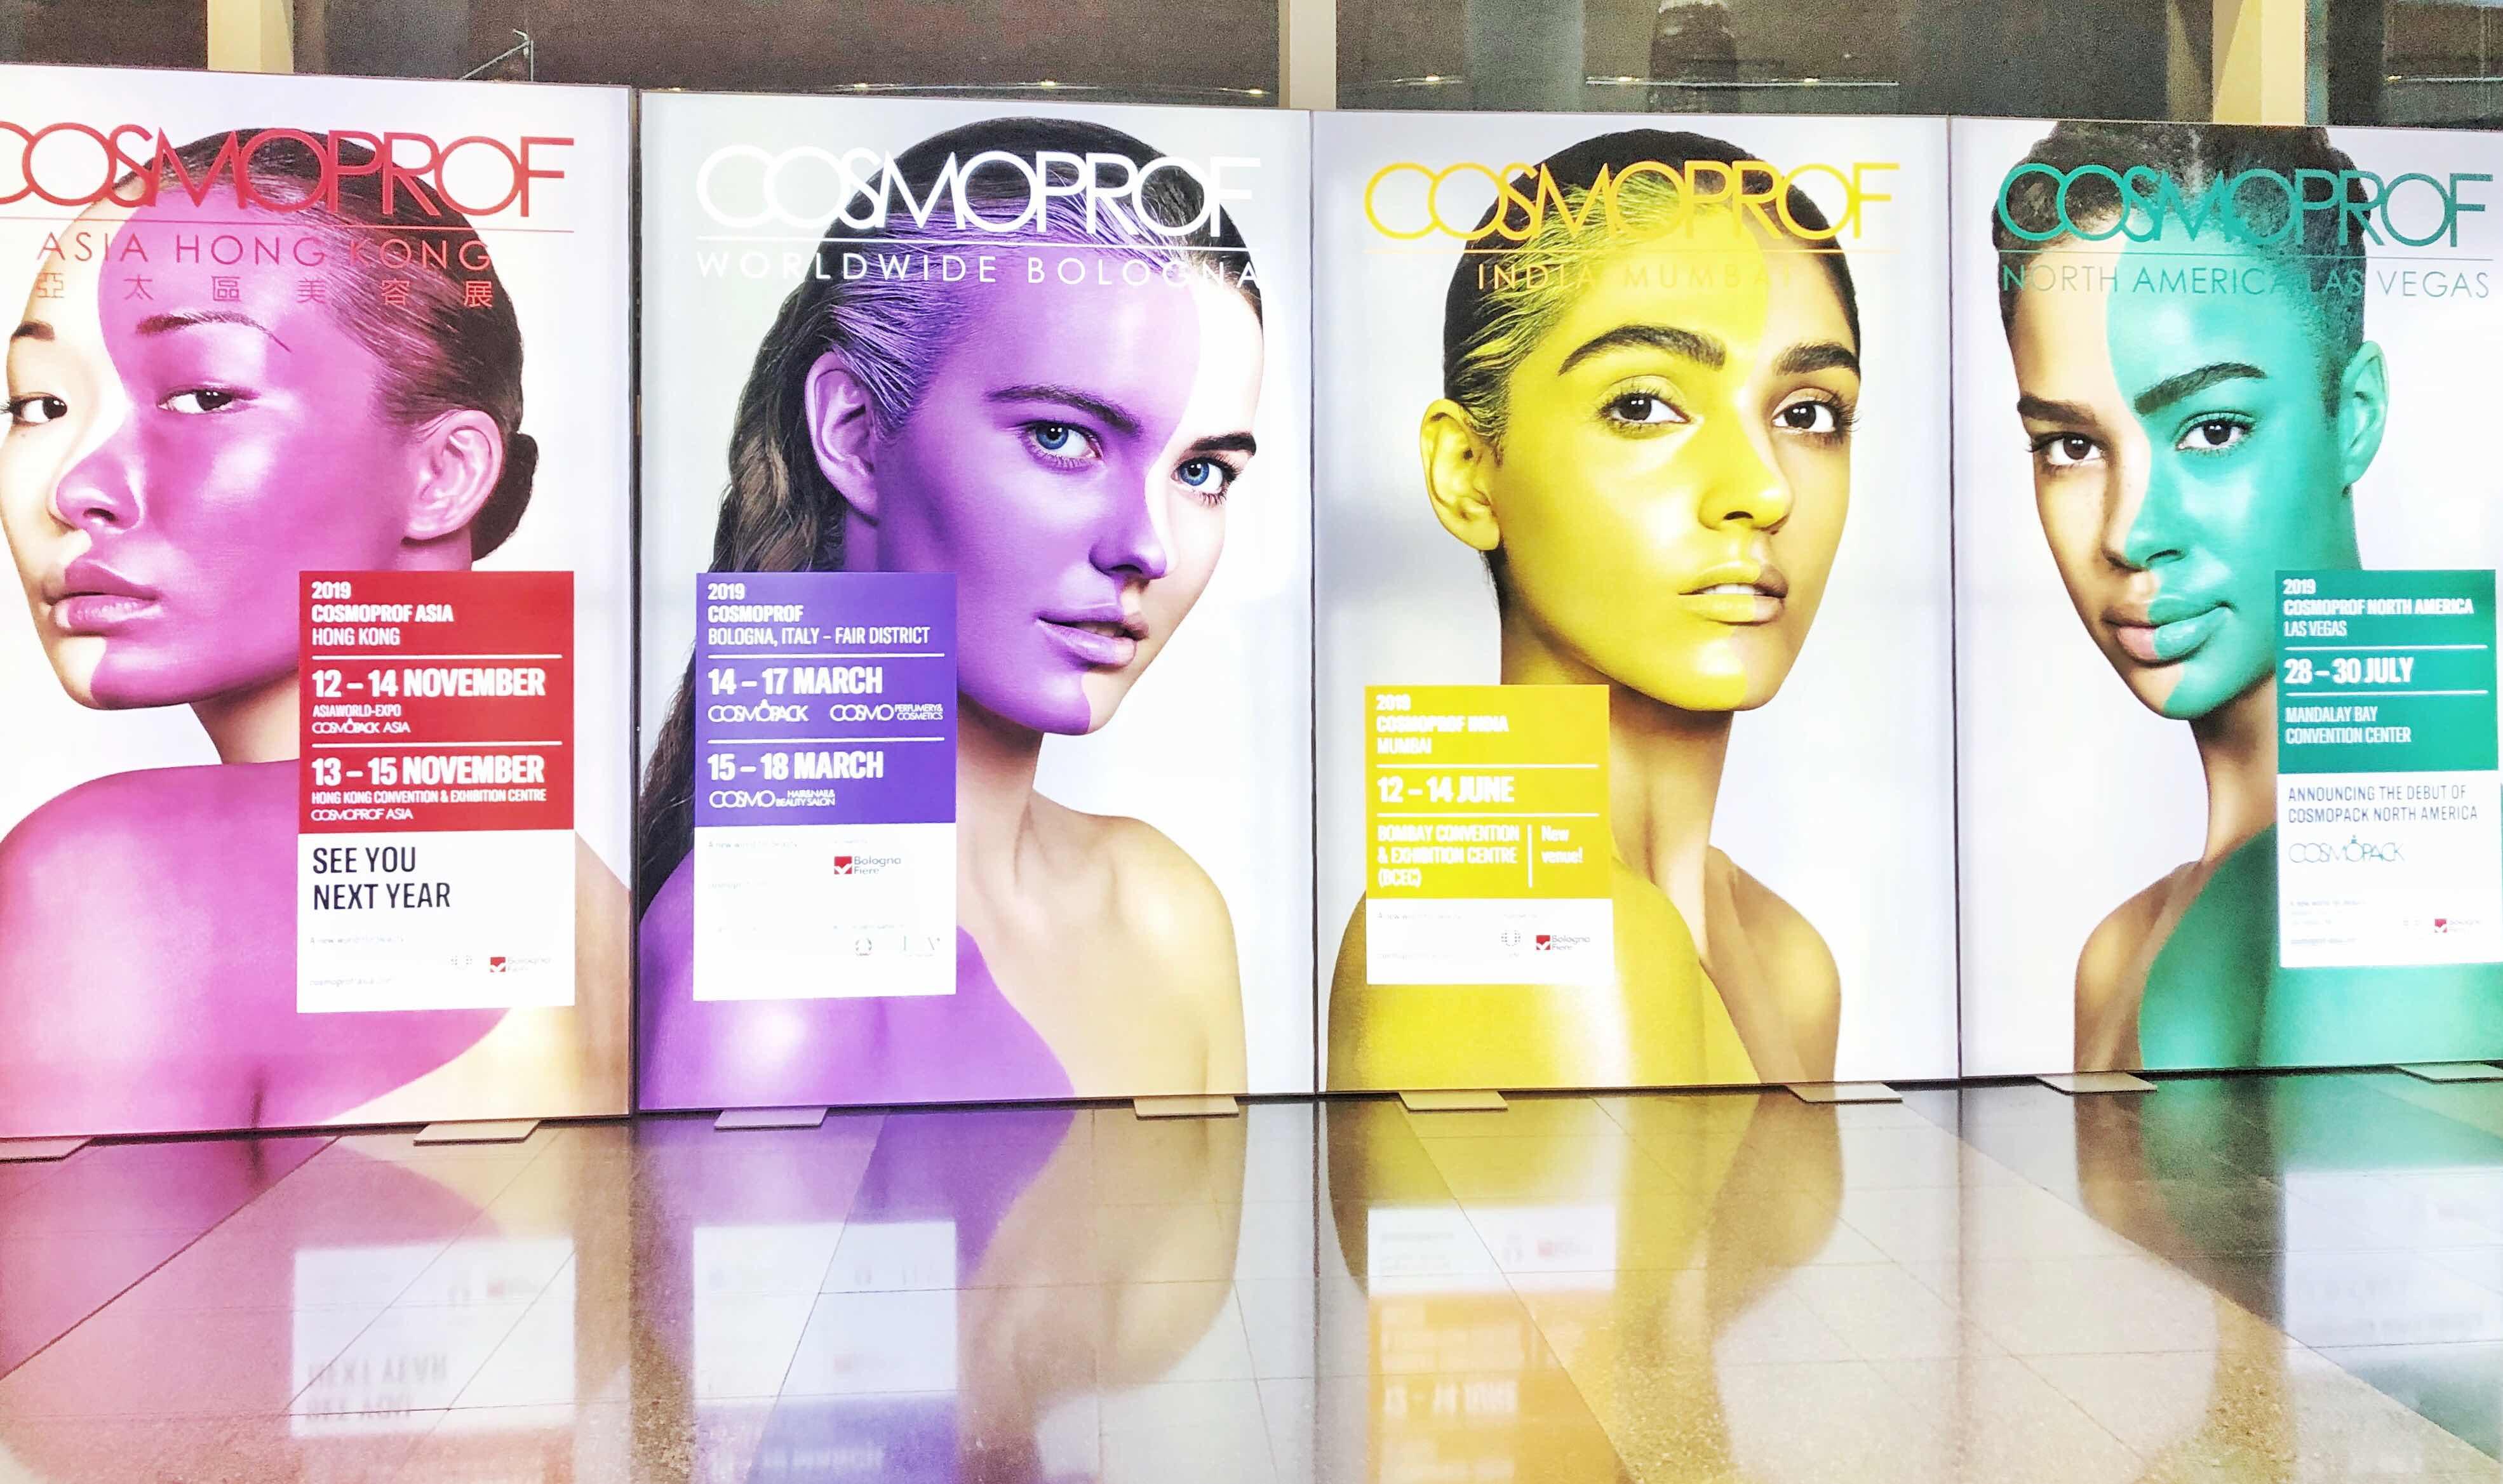 首次參觀美容展 ~ 2018亞太區美容展 ~ 認識到全球最大醫療激光公司 - Lumenis ...